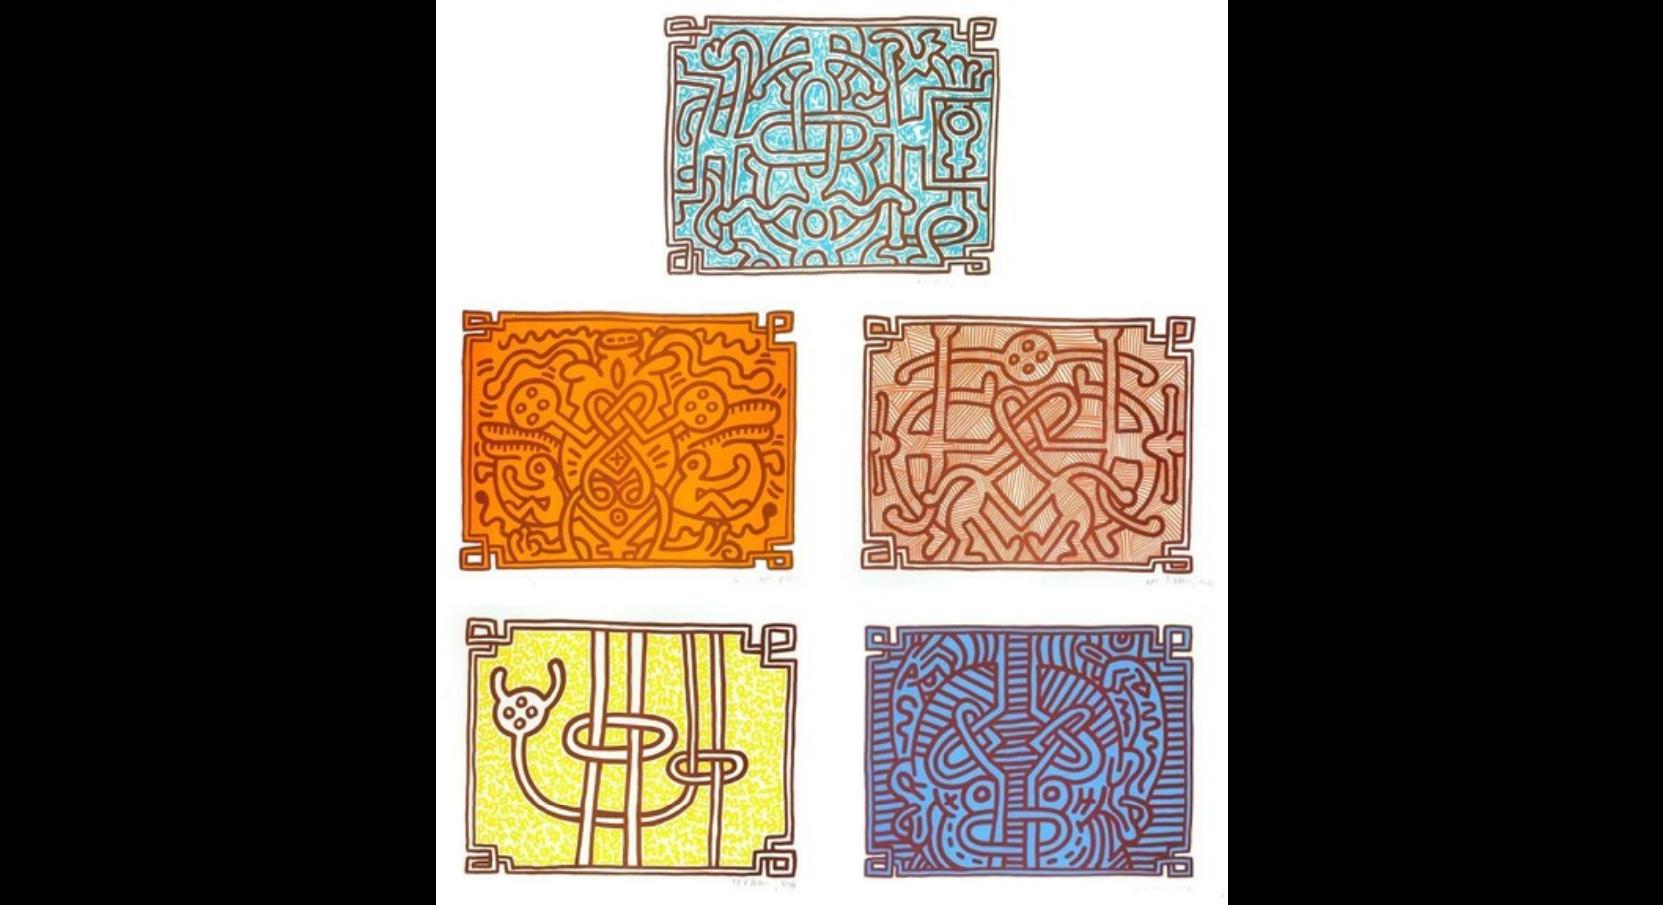 keith-haris-desenho-nova-york-anos-80-aids-dionisio-arte (13)